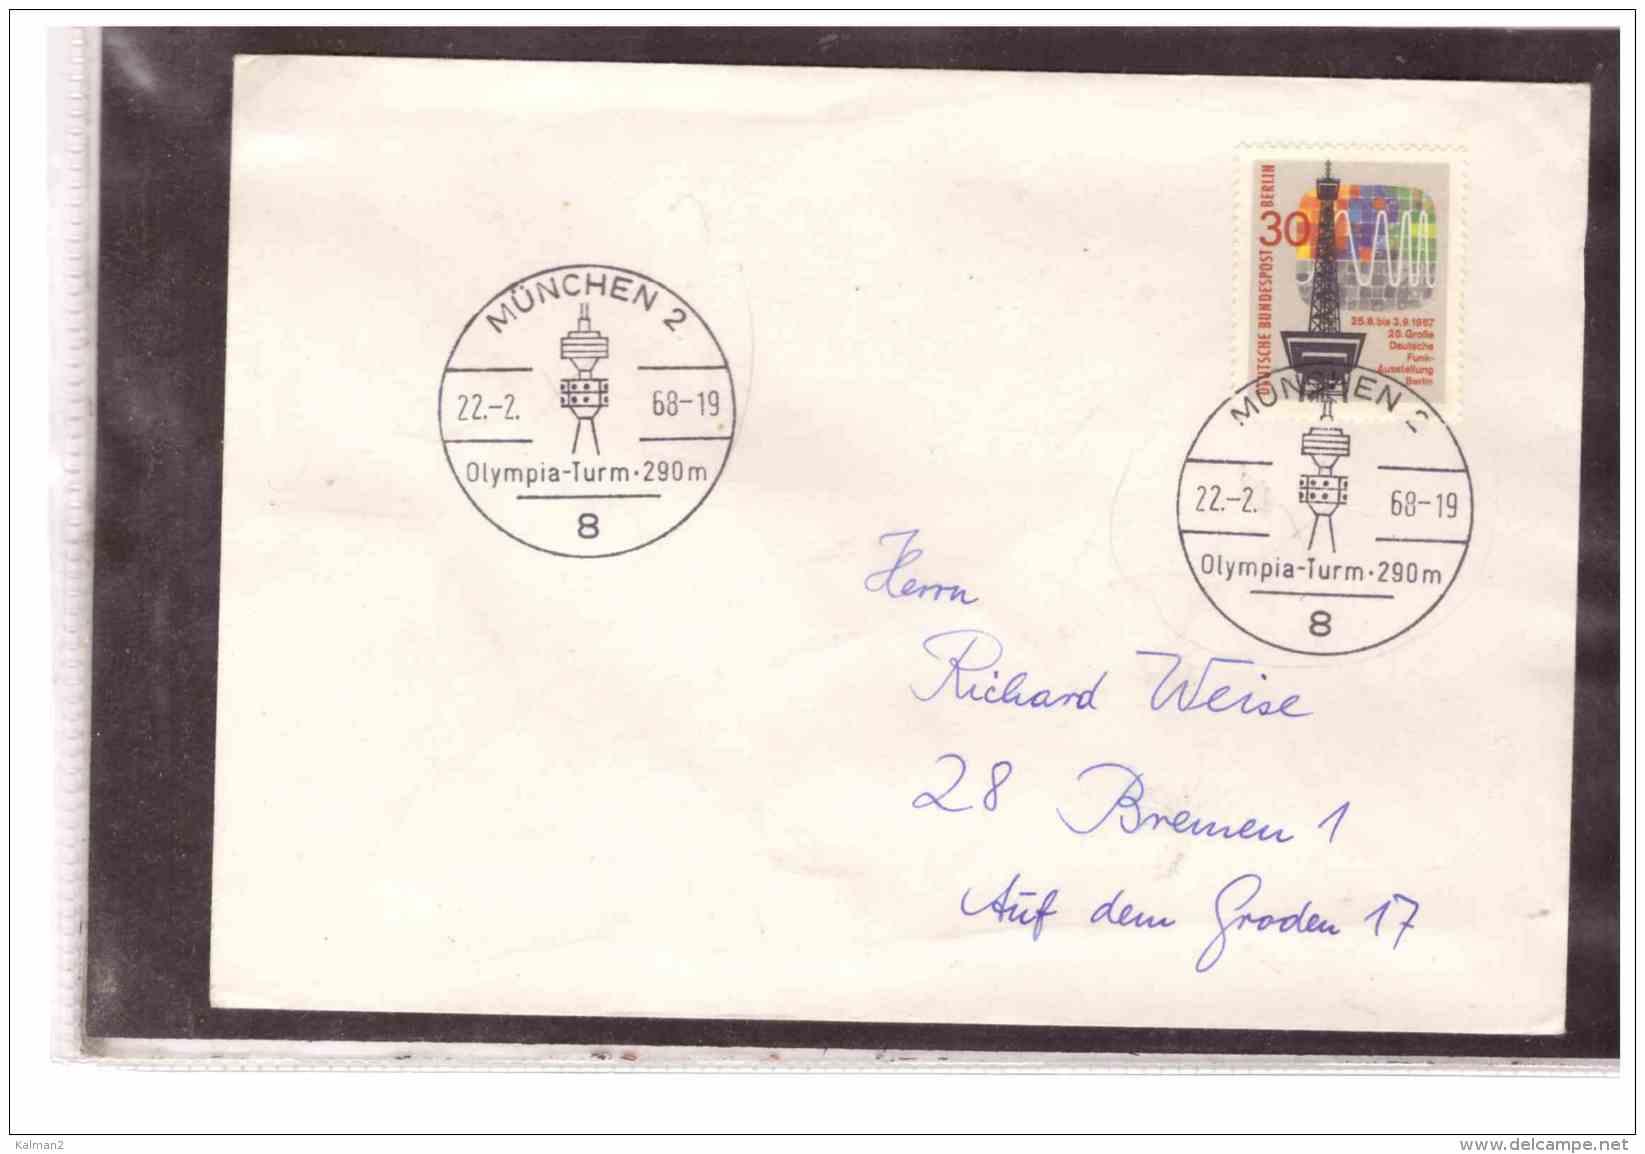 TEM10012   -   MUENCHEN  22.2.1968   /     OLYMPIA-TURM  290 M.  - - Francobolli